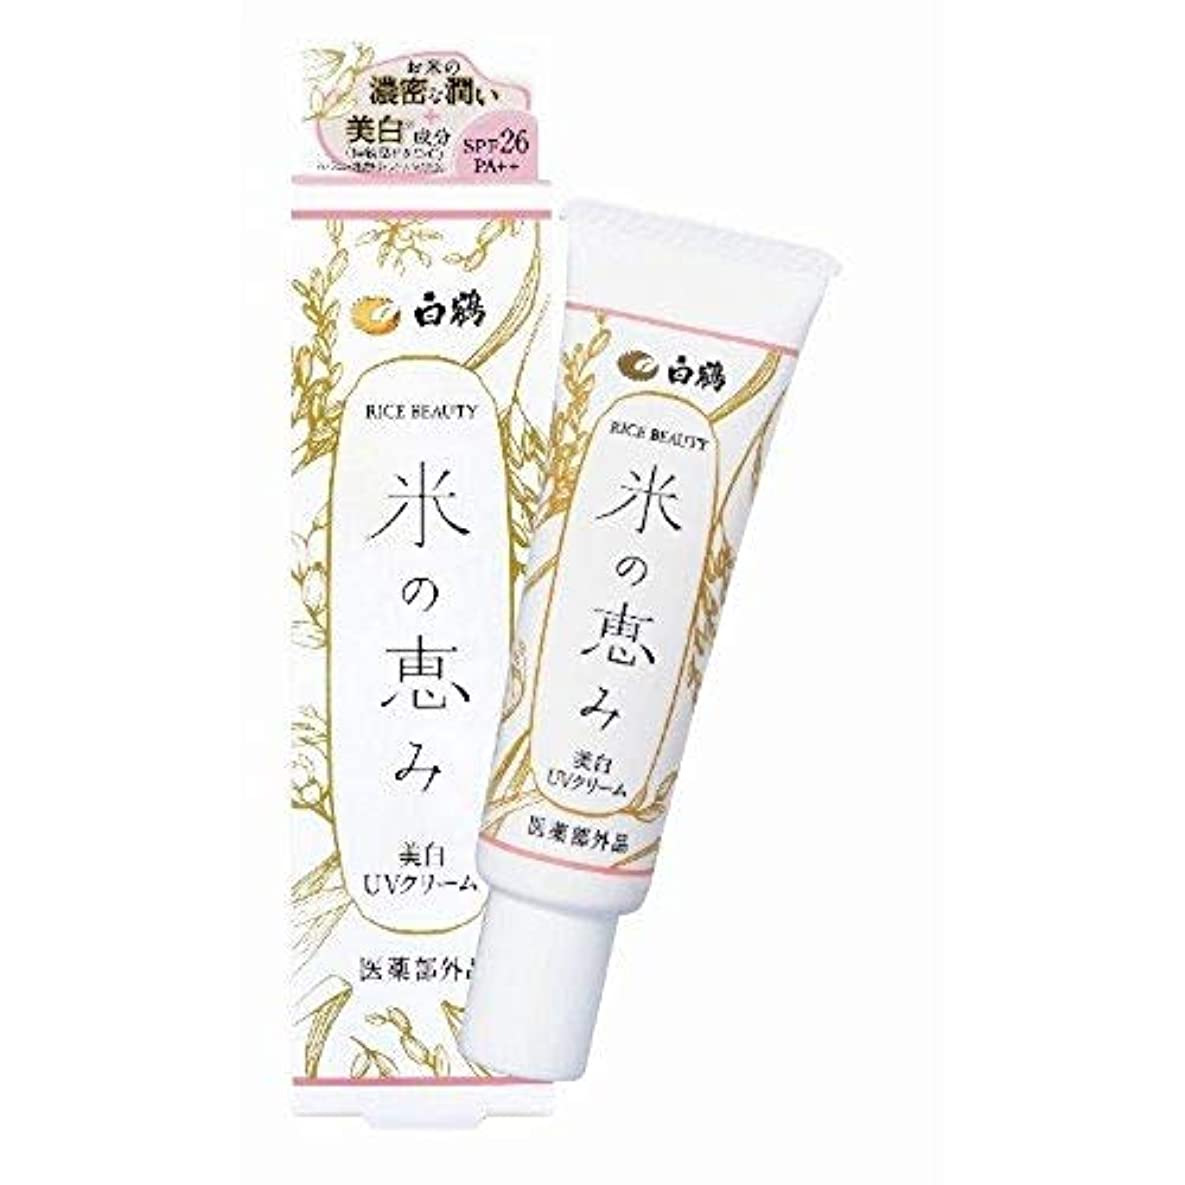 以上雑品ラダ白鶴 ライスビューティー 米の恵み 美白UVクリーム 30g SPF26/PA++ (日焼け止め/医薬部外品)